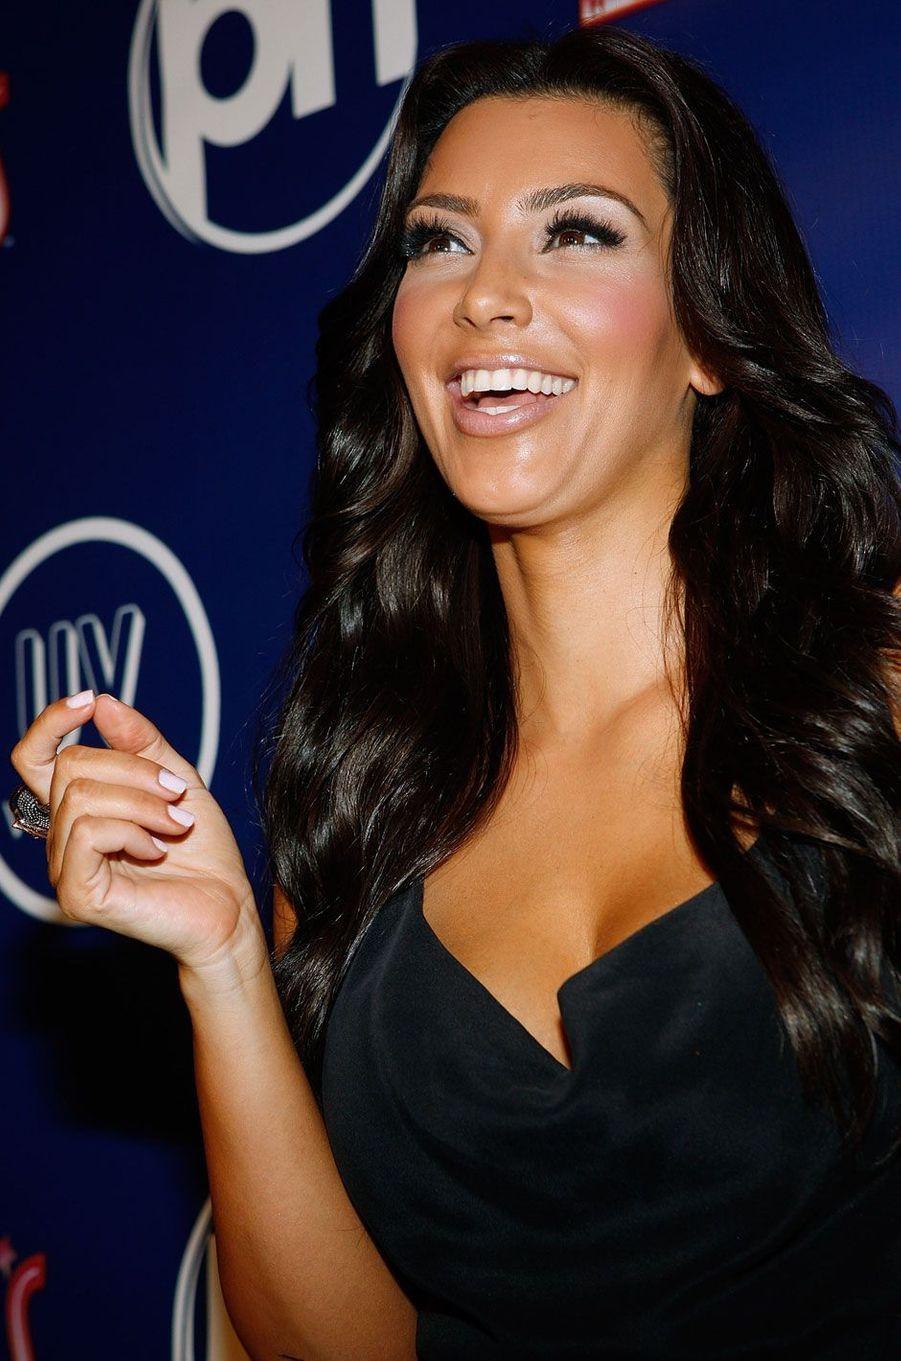 Kim Kardashian en soirée à Las Vegas.